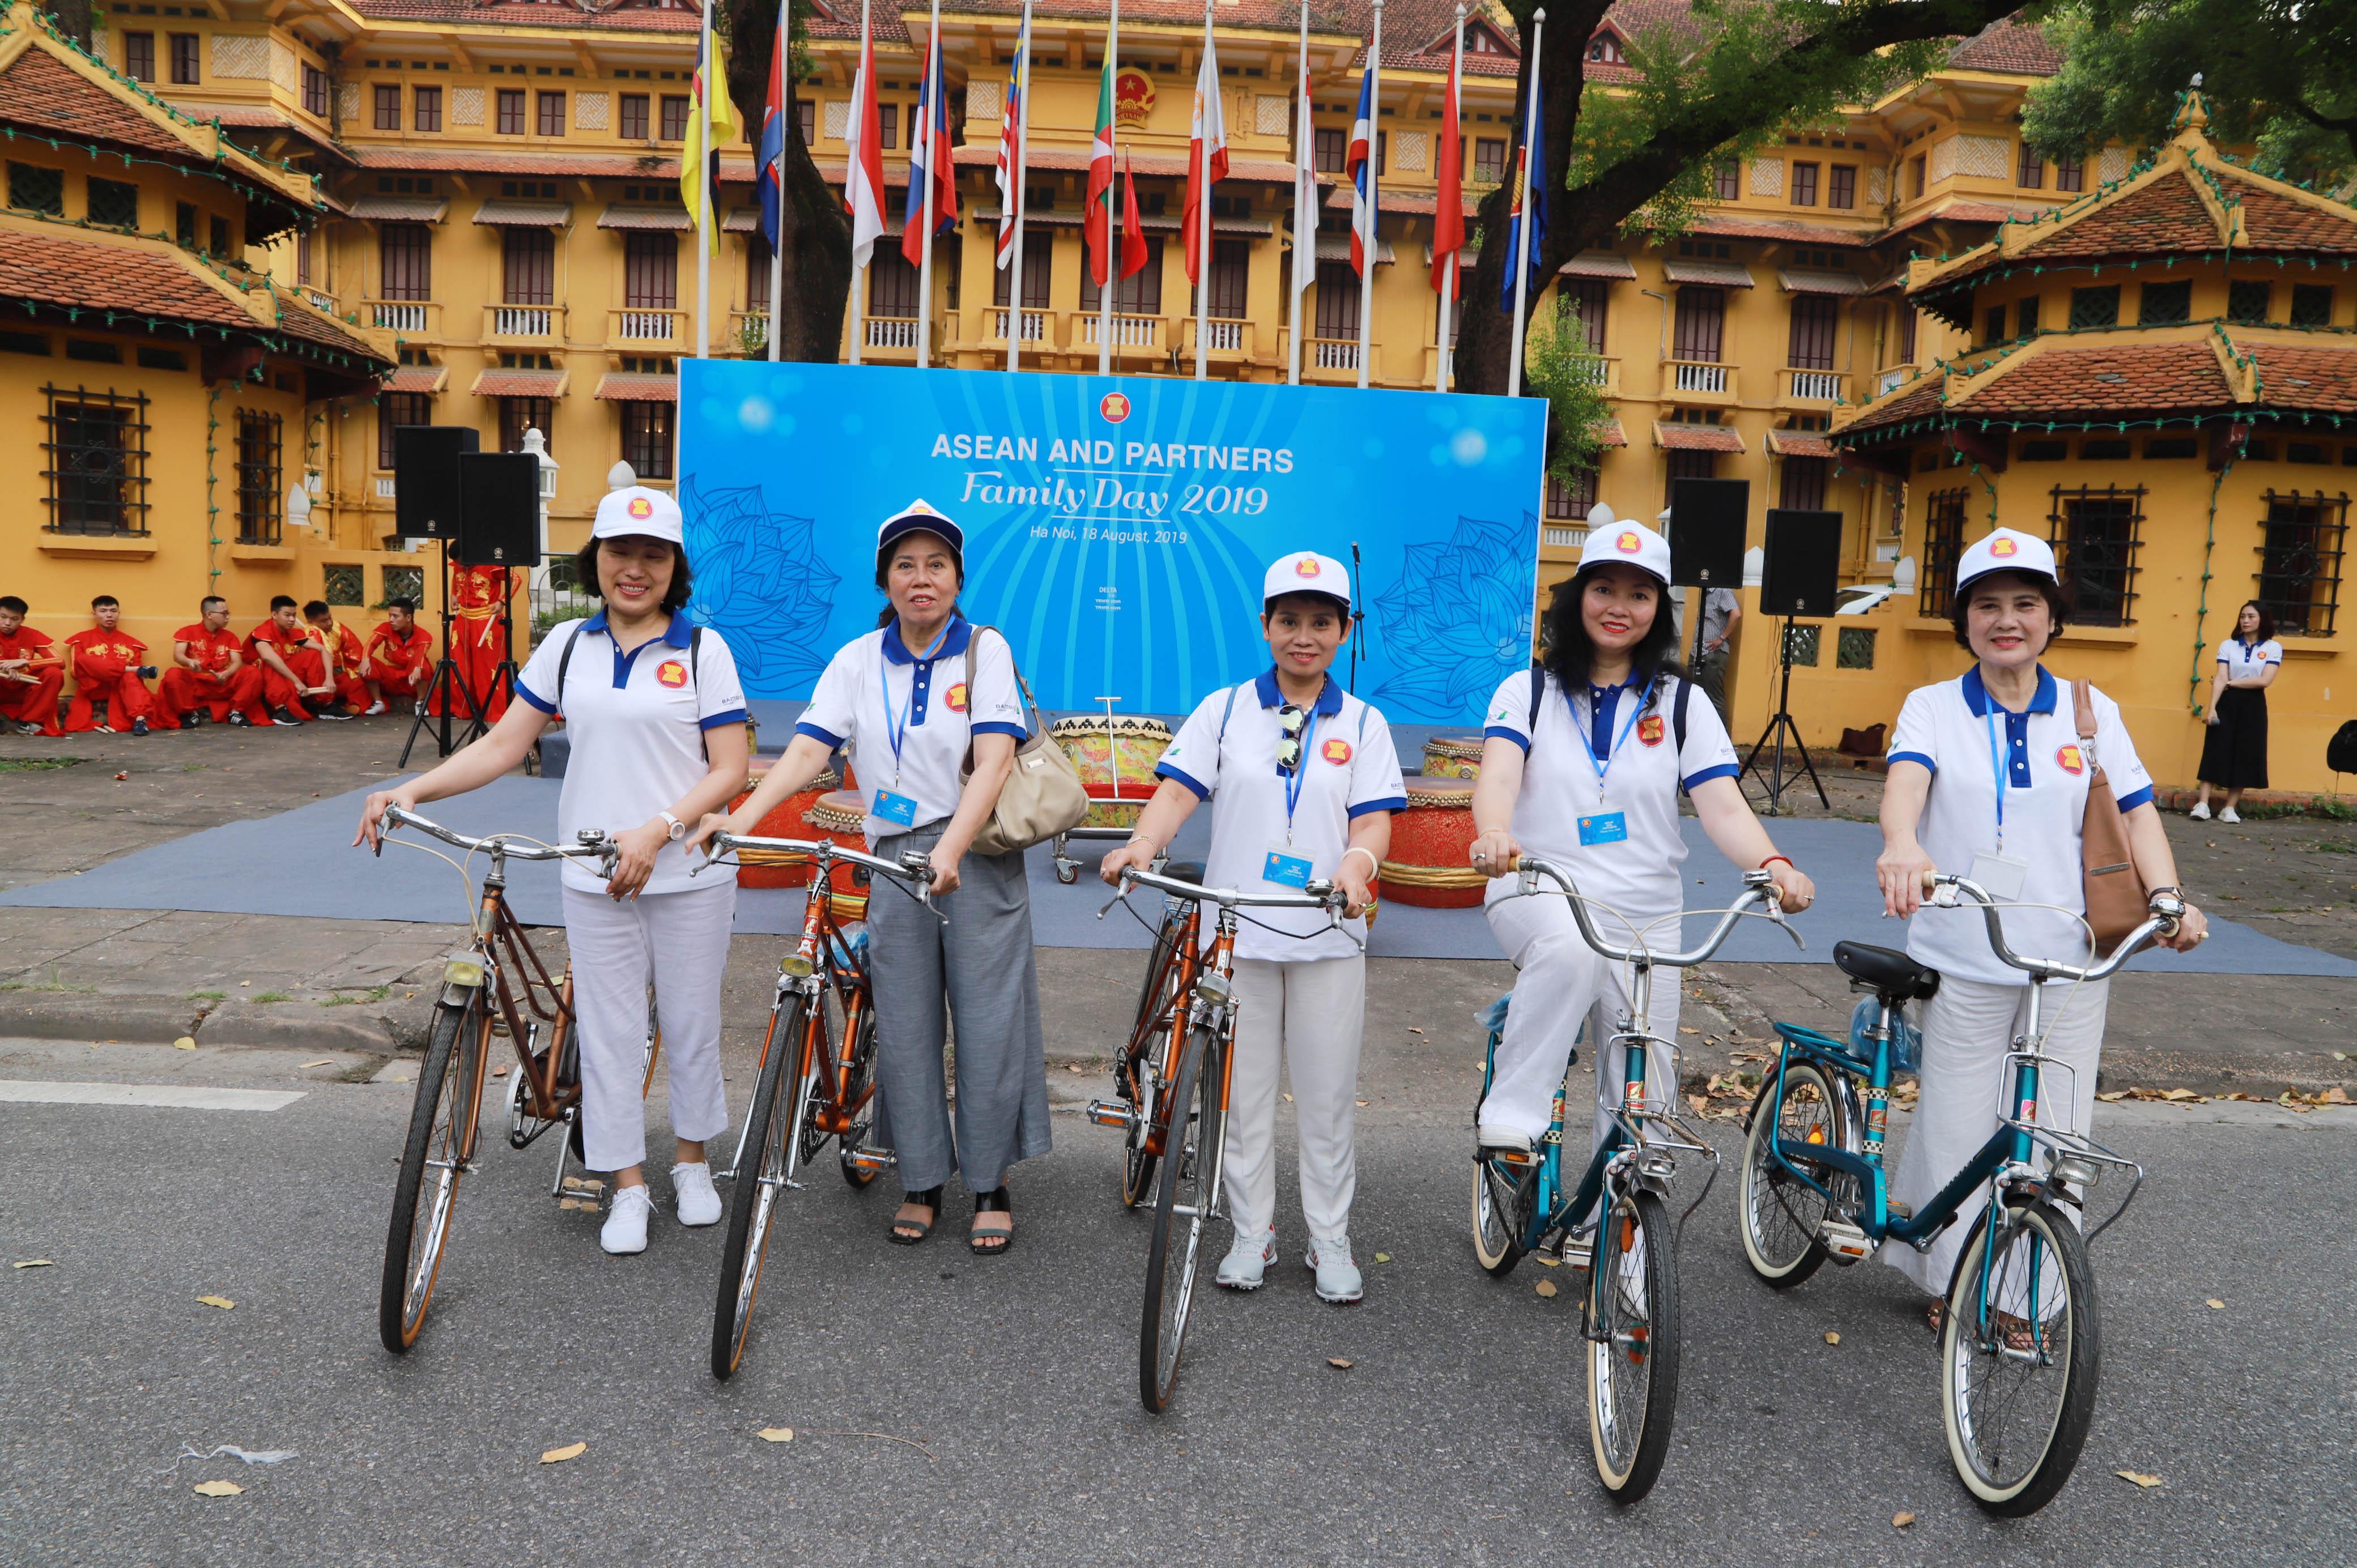 Thứ trưởng Nguyễn Quốc Dũng cũng cho rằng, đây là hoạt động góp phần nâng cao ý thức người dân, nhất là thế hệ trẻ, về bản sắc chung Cộng đồng ASEAN, hướng các nỗ lực của ASEAN thực sự vì người dân và lấy người dân làm trung tâm.